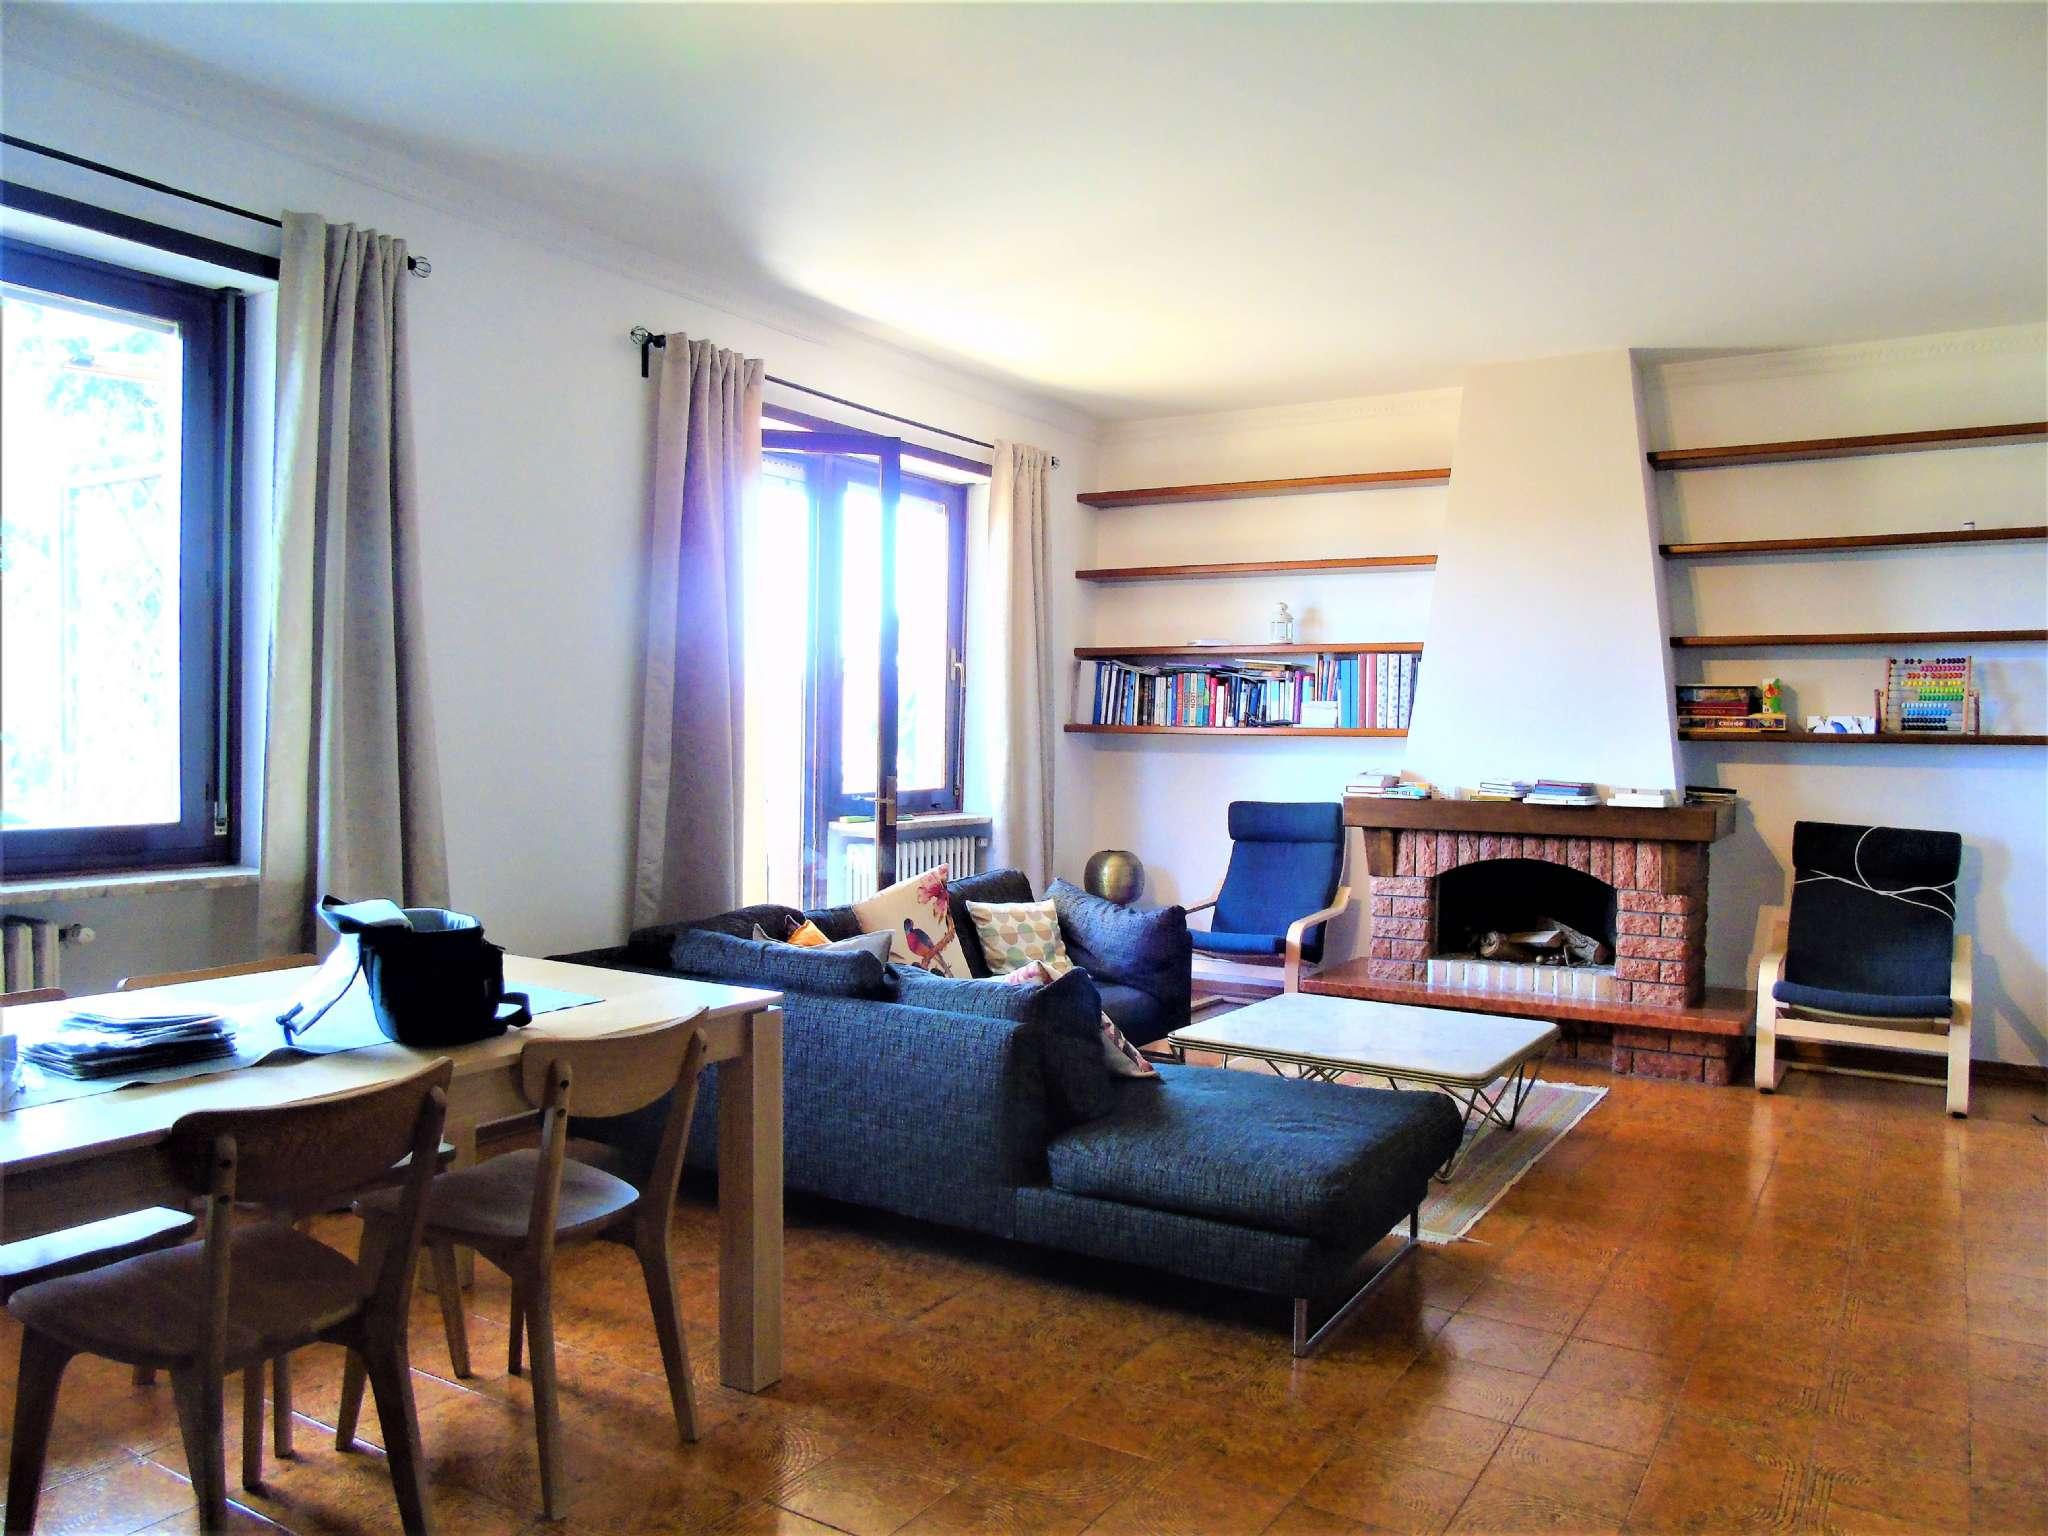 Appartamento in affitto a Moncalieri, 5 locali, prezzo € 900 | PortaleAgenzieImmobiliari.it